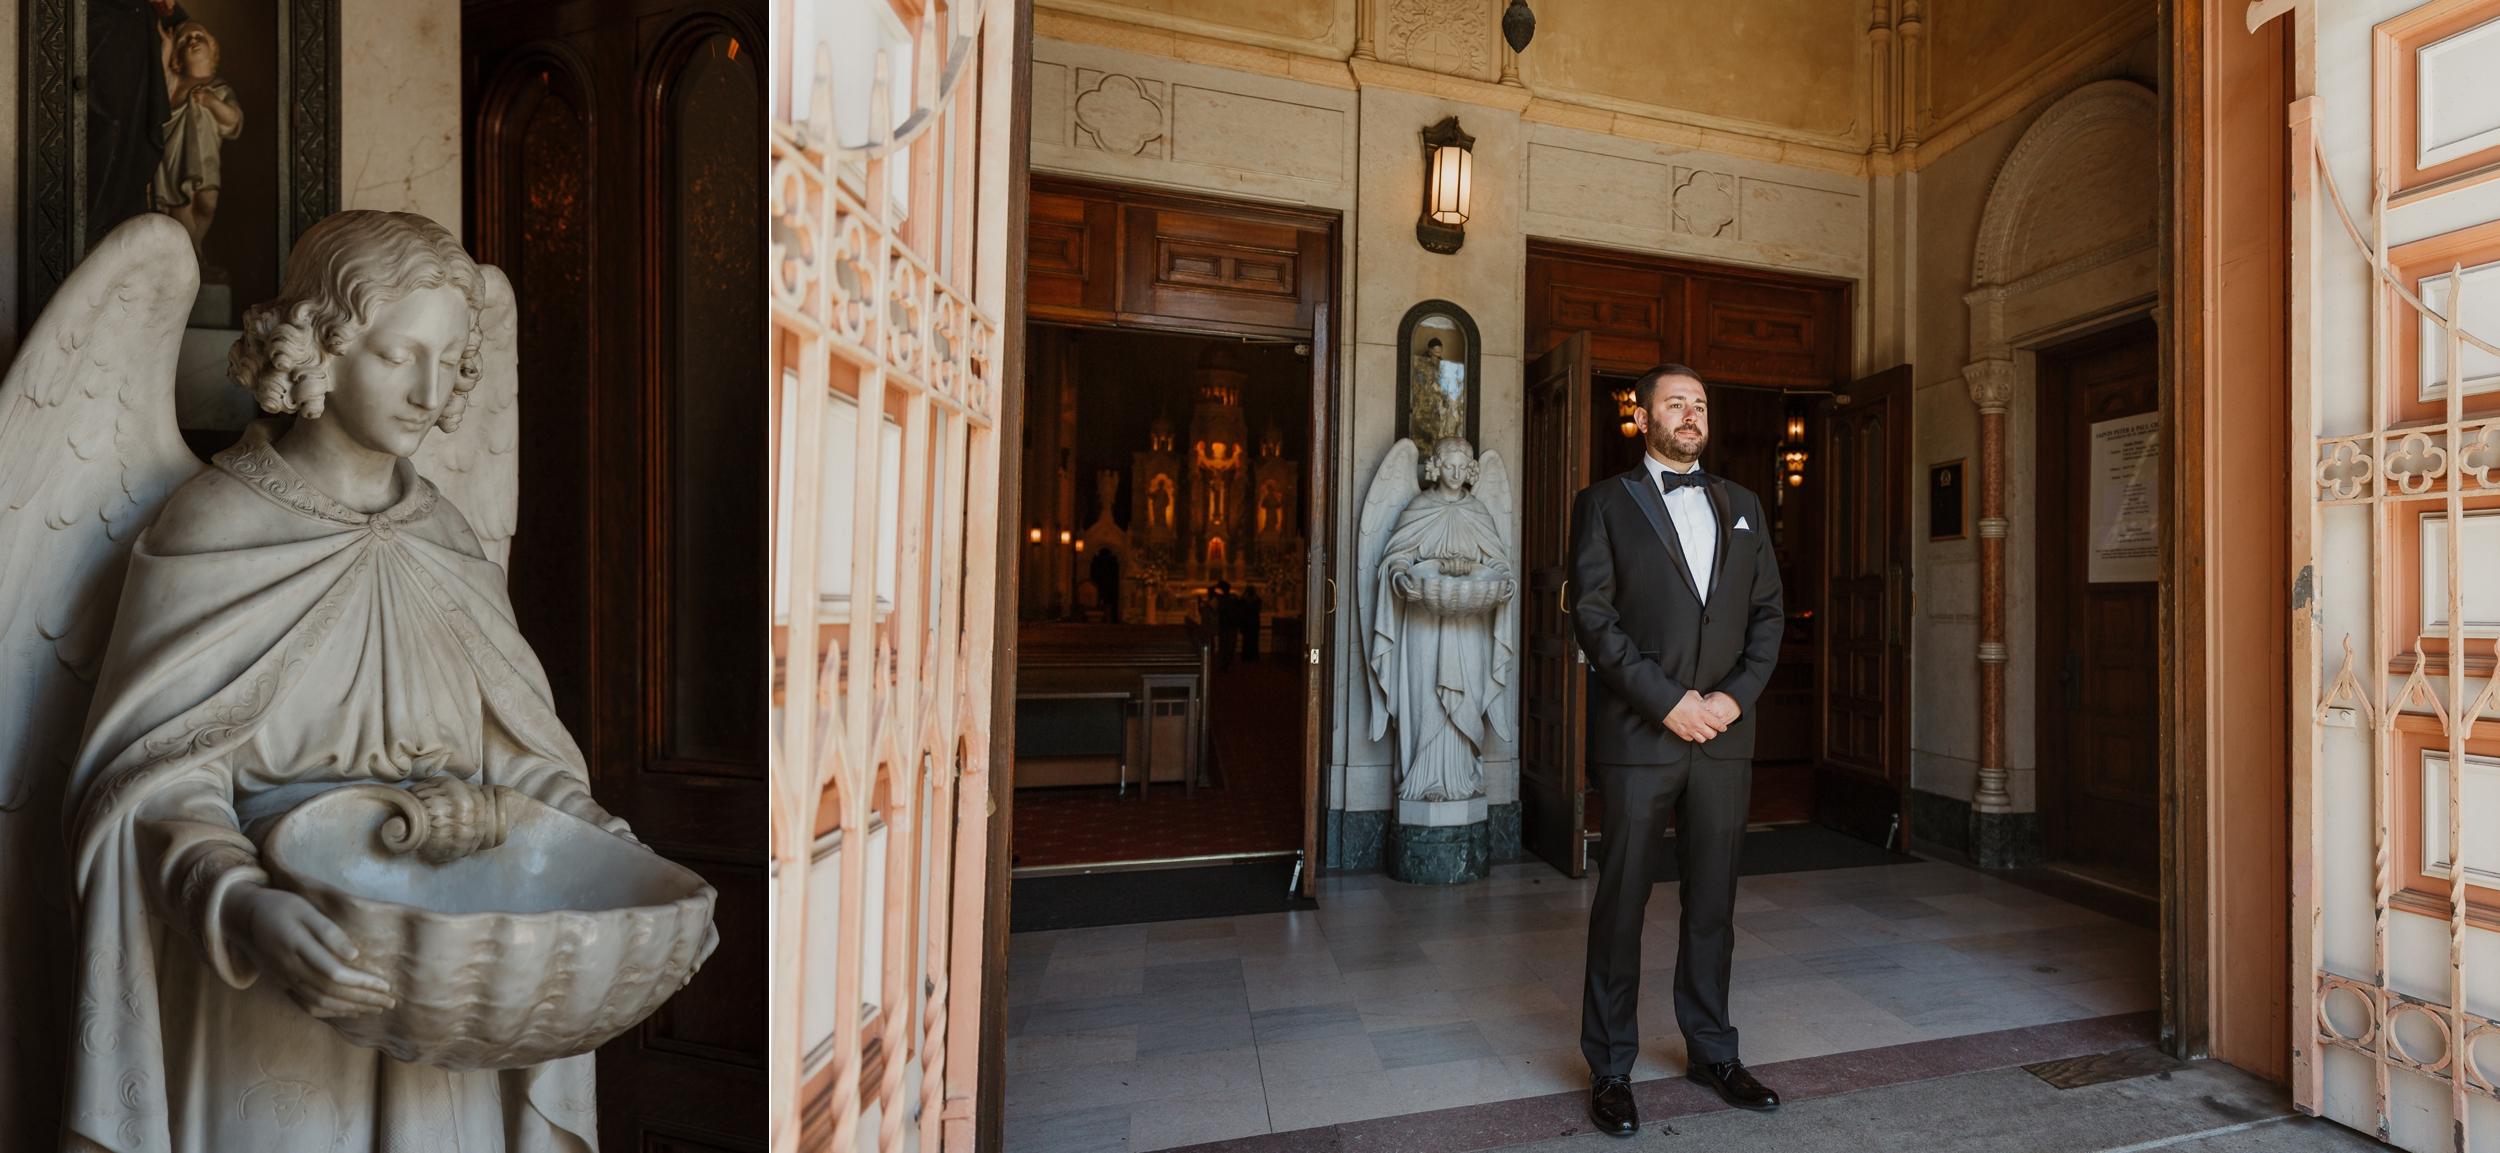 02-traditional-san-francisco-presidio-golden-gate-club-wedding-vivianchen-012_WEB.jpg